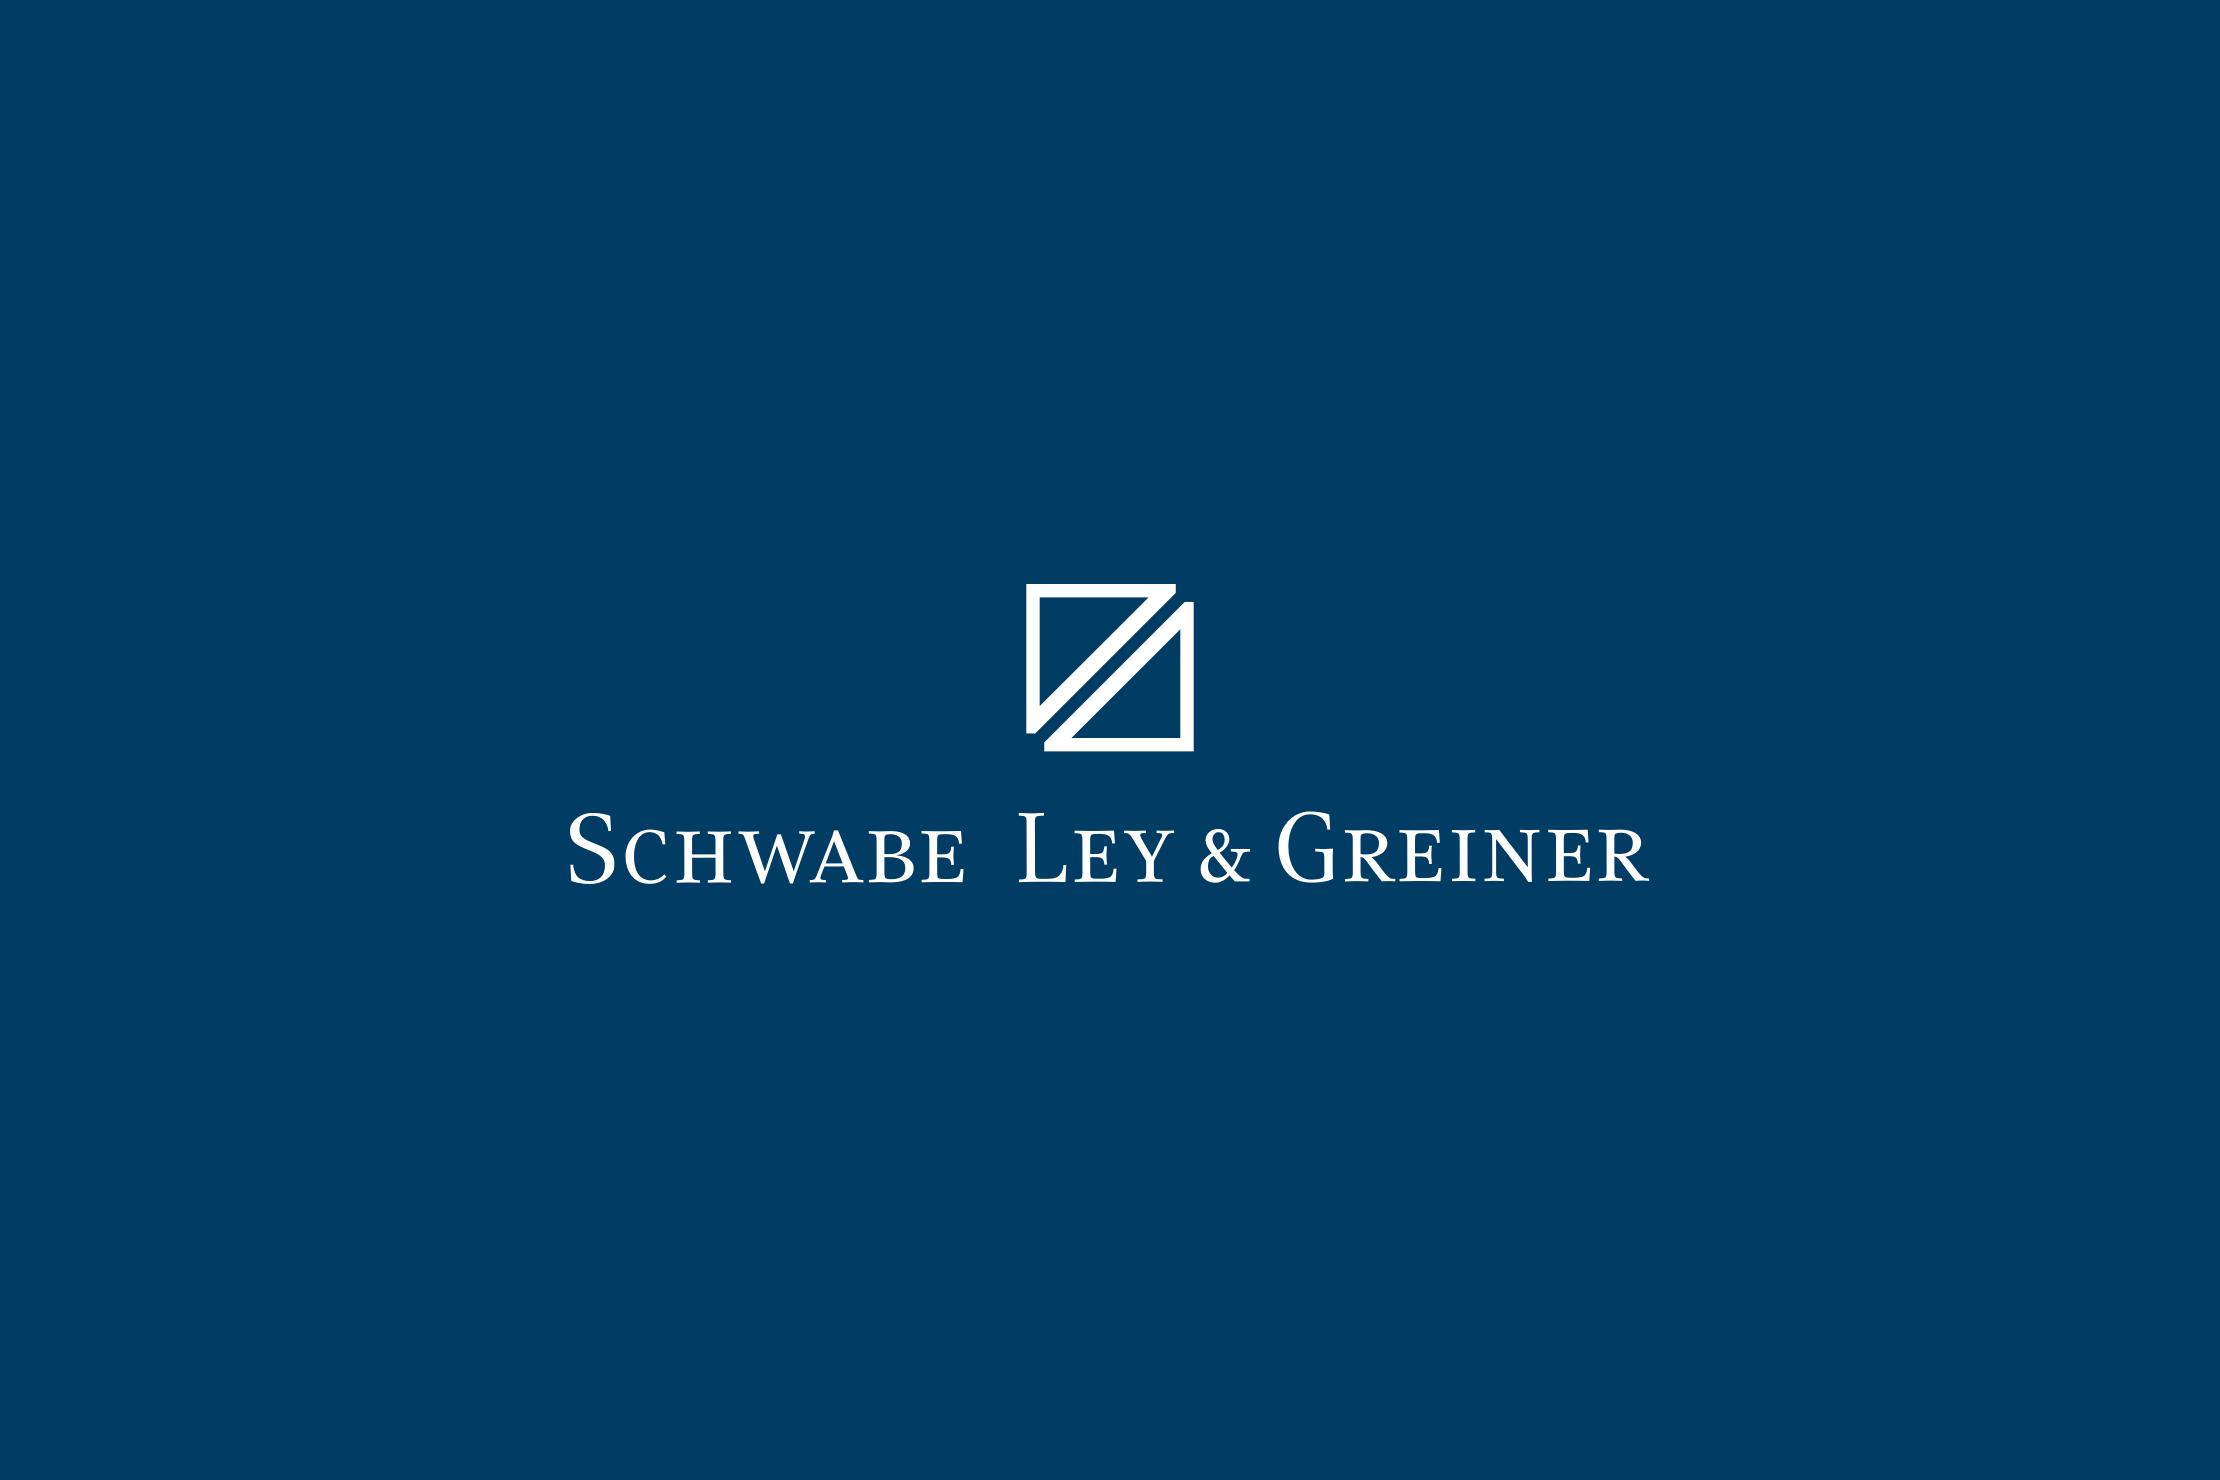 Schwabe, Ley und Greiner Logo Redesign